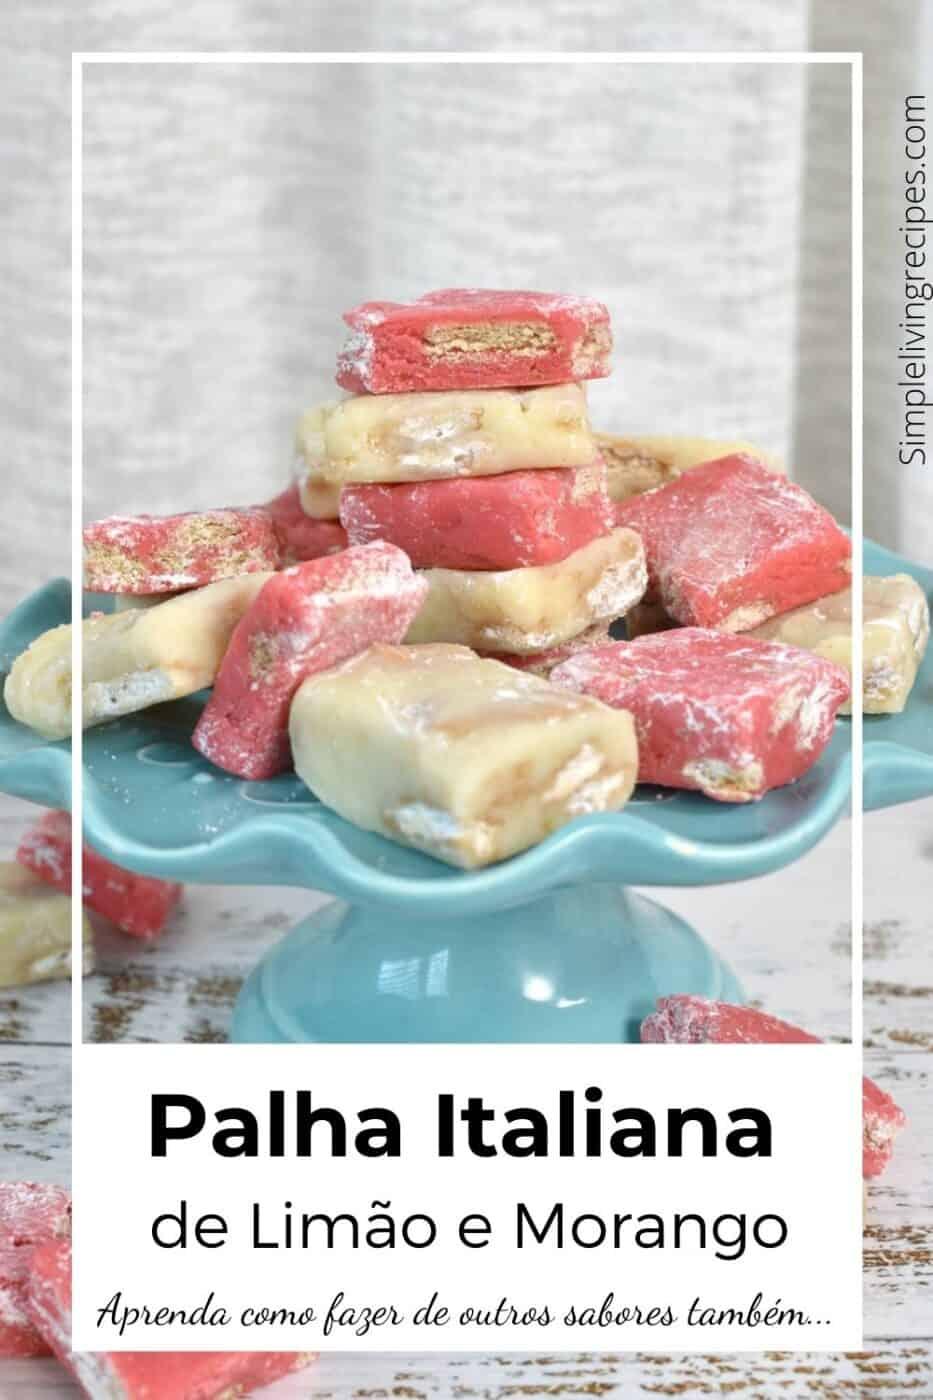 Pinterest Pin de palha italiana de limão e morango